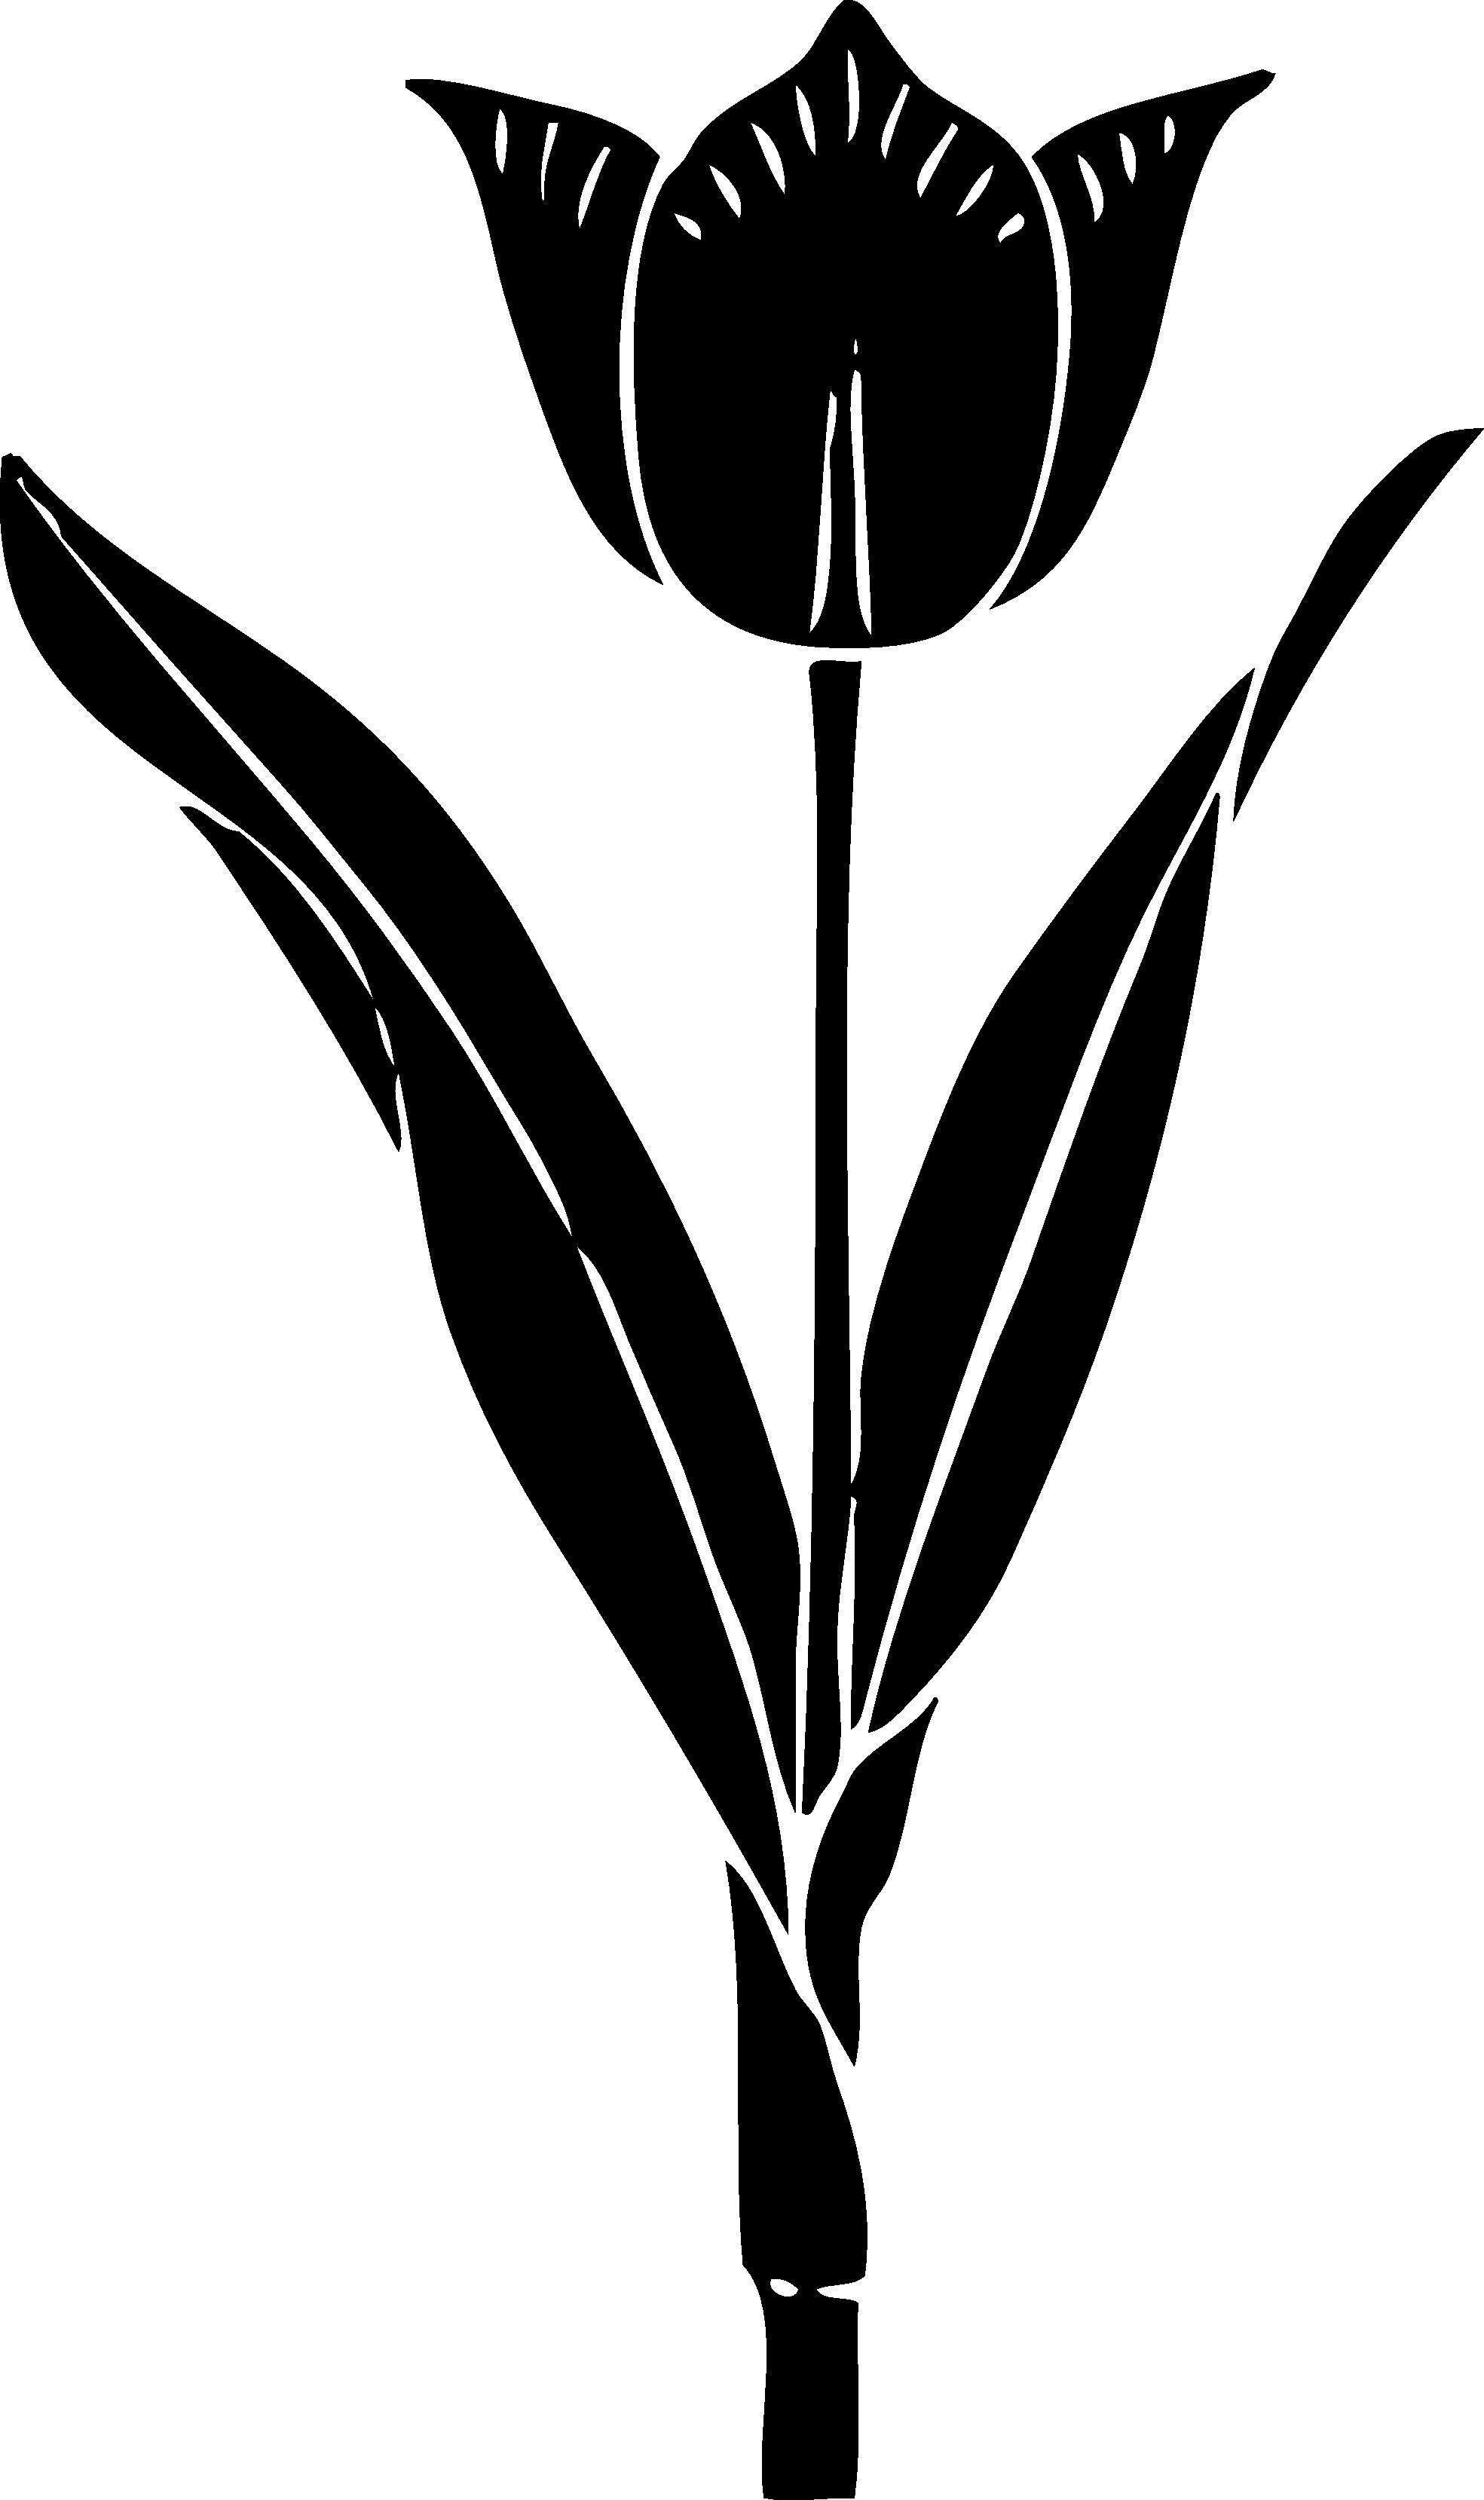 Flower stem clipart black and white vector black and white Tulip Clipart Black And White | Clipart Panda - Free Clipart Images vector black and white